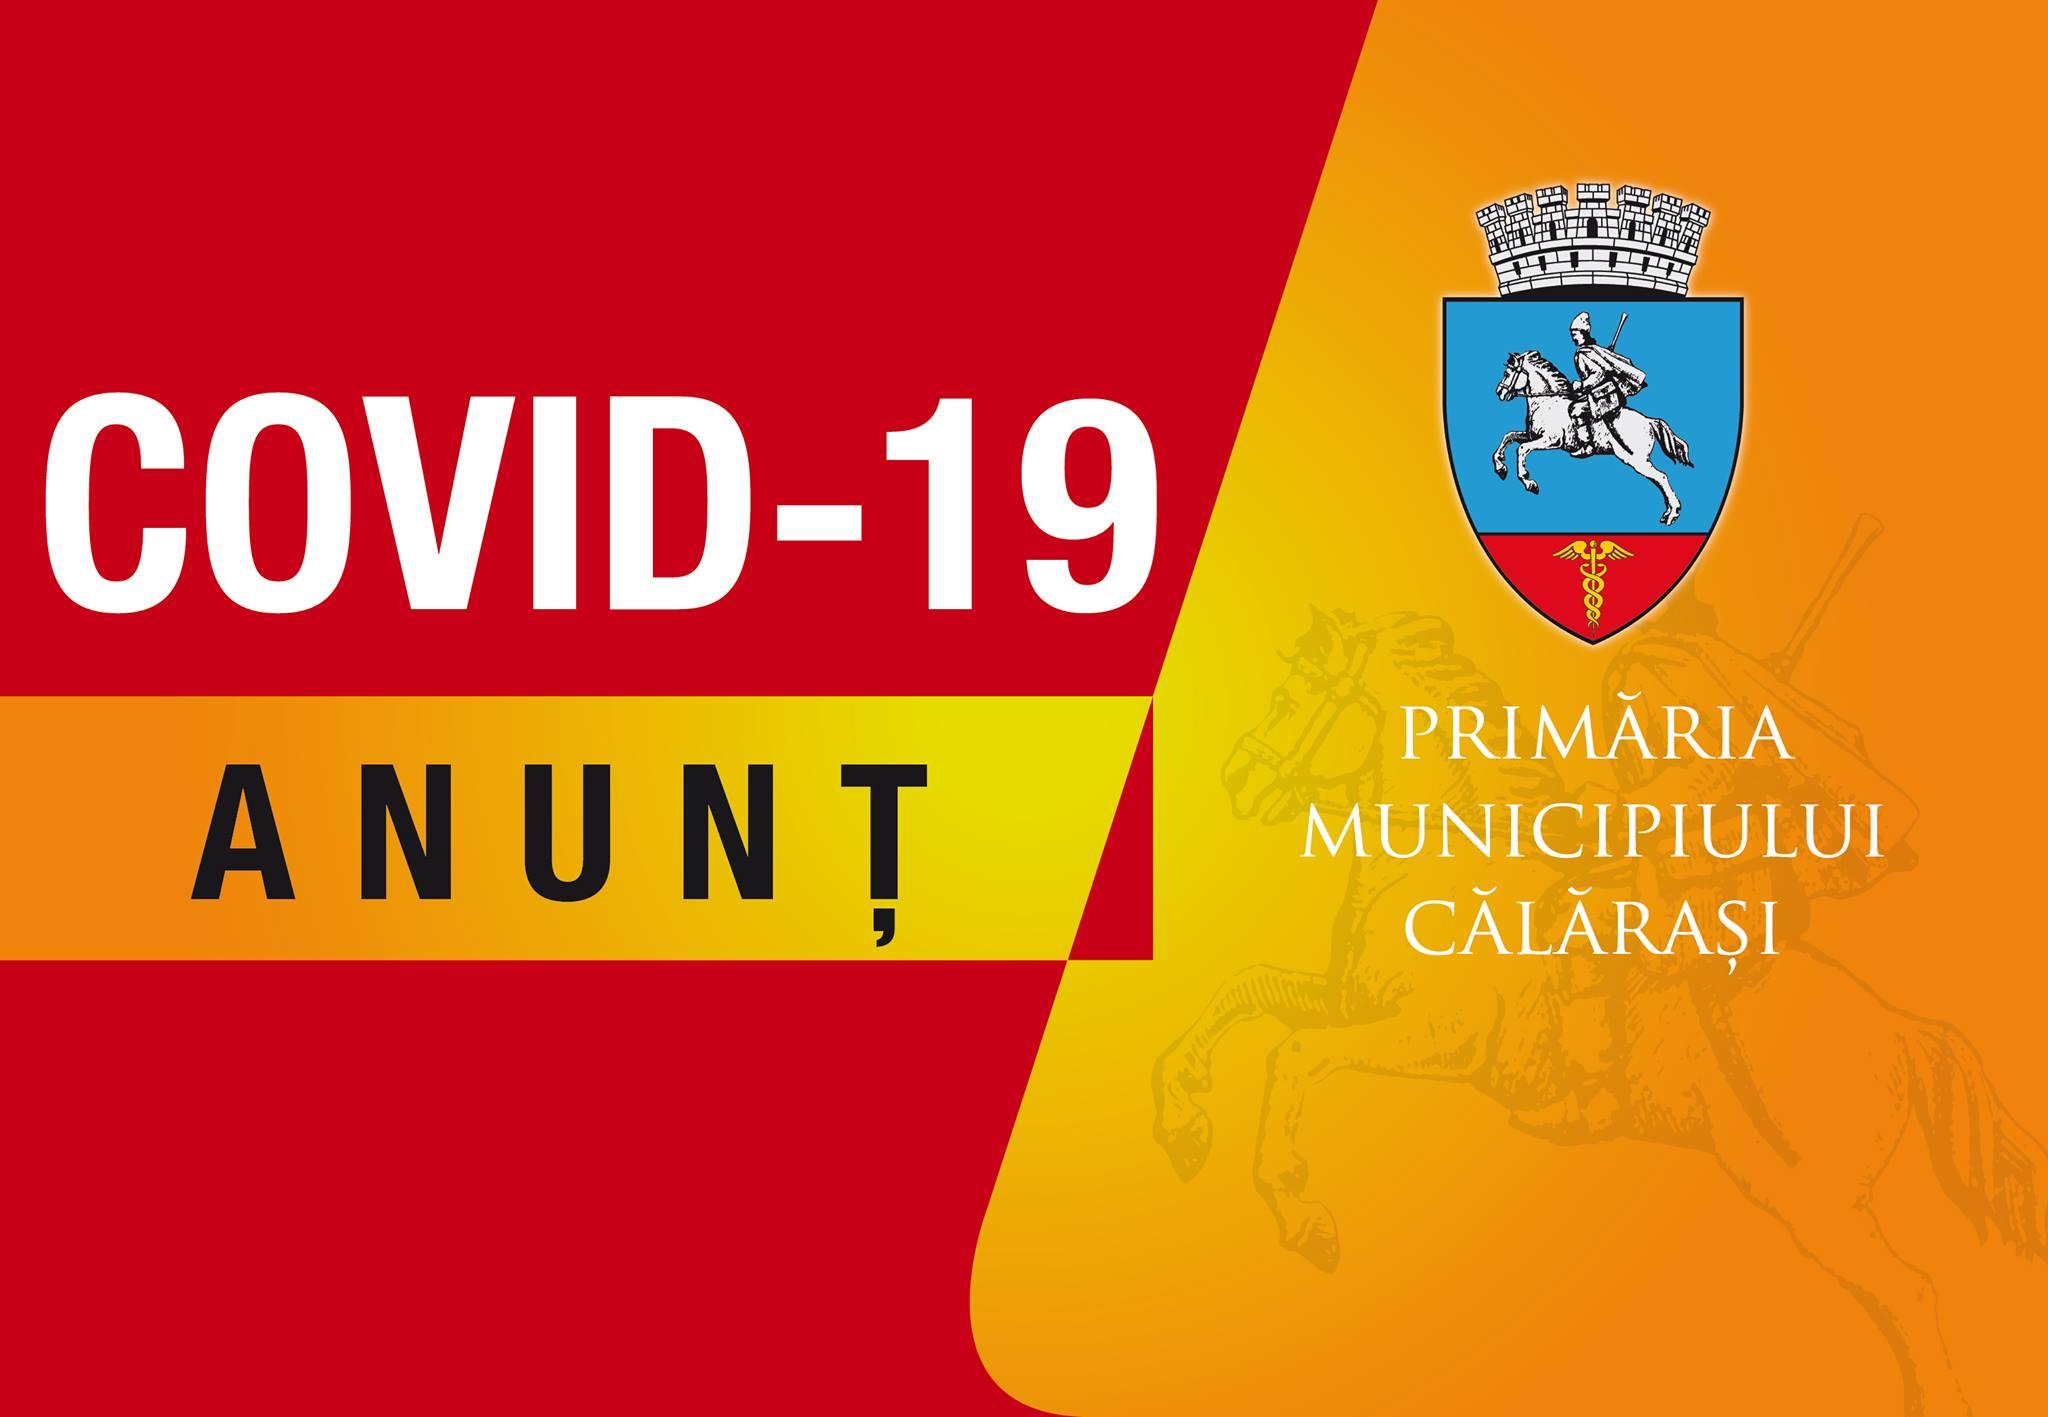 MĂSURI PRIVIND CIRCULAȚIA PERSOANELOR ÎNCEPÂND CU DATA DE 25.10.2021